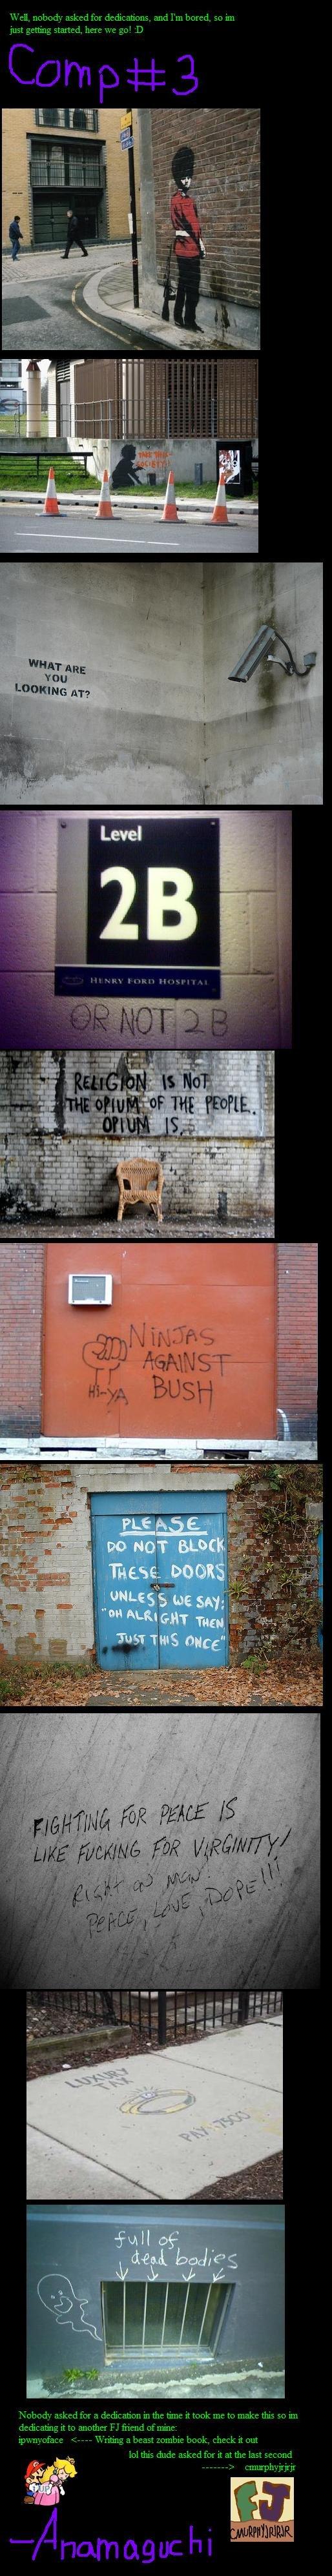 Funny Graffiti Compilation pt3. part8:<br /> funnyjunk.com/funny_pictures/617277/Funny+Graffiti+Compilation+pt8/<br /> part7:<br /> funnyjunk.